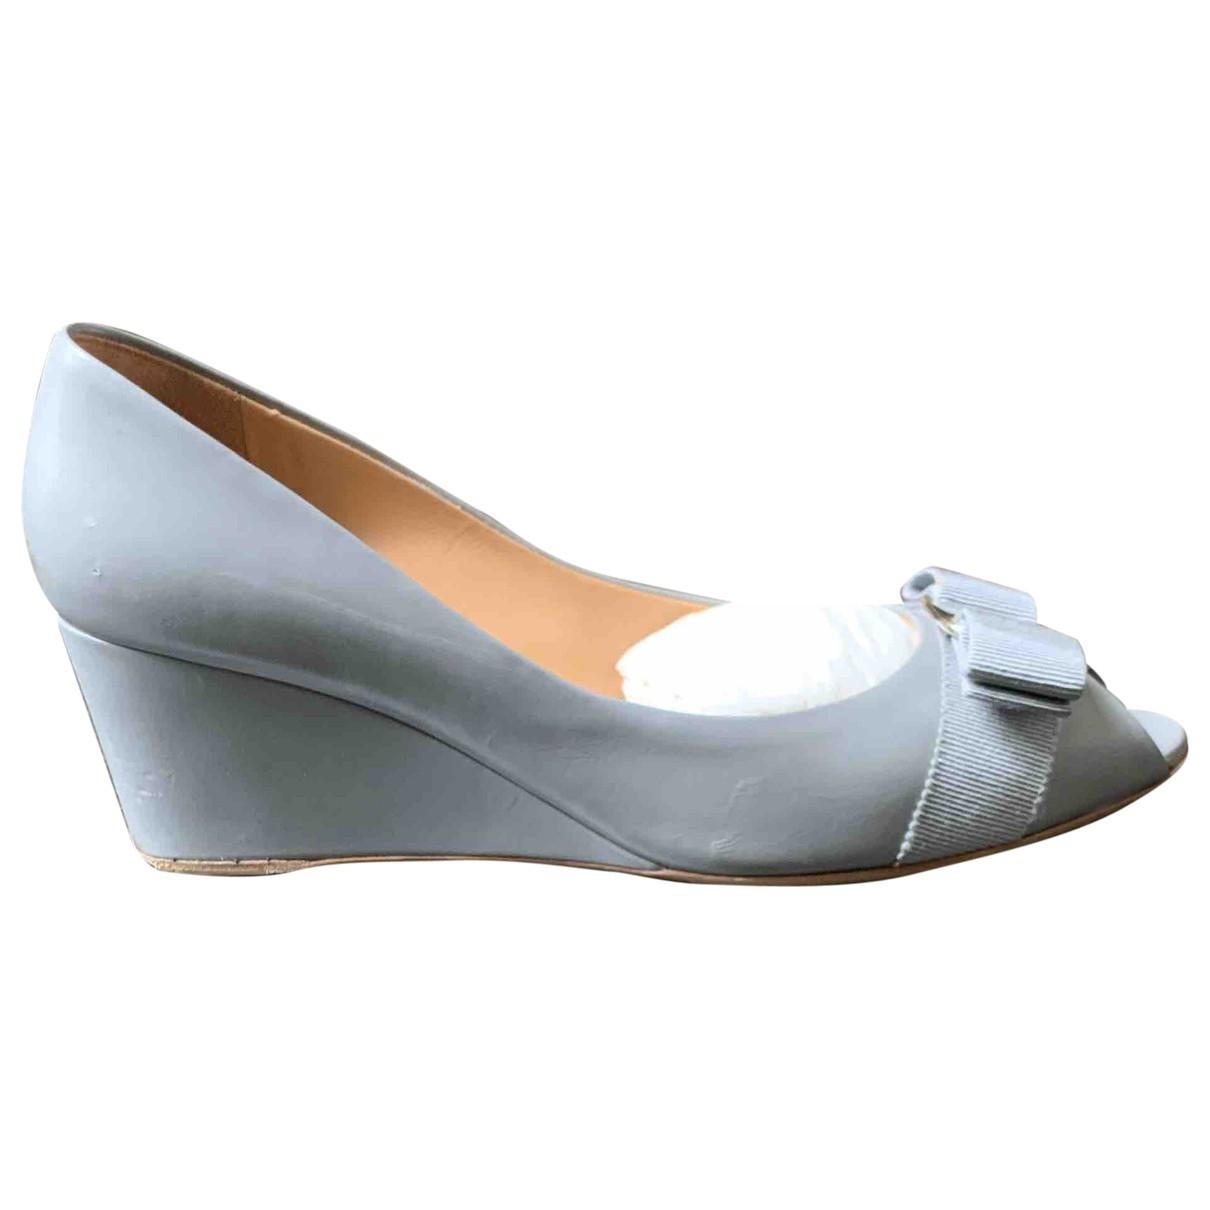 Salvatore Ferragamo \N Grey Leather Heels for Women 7.5 US